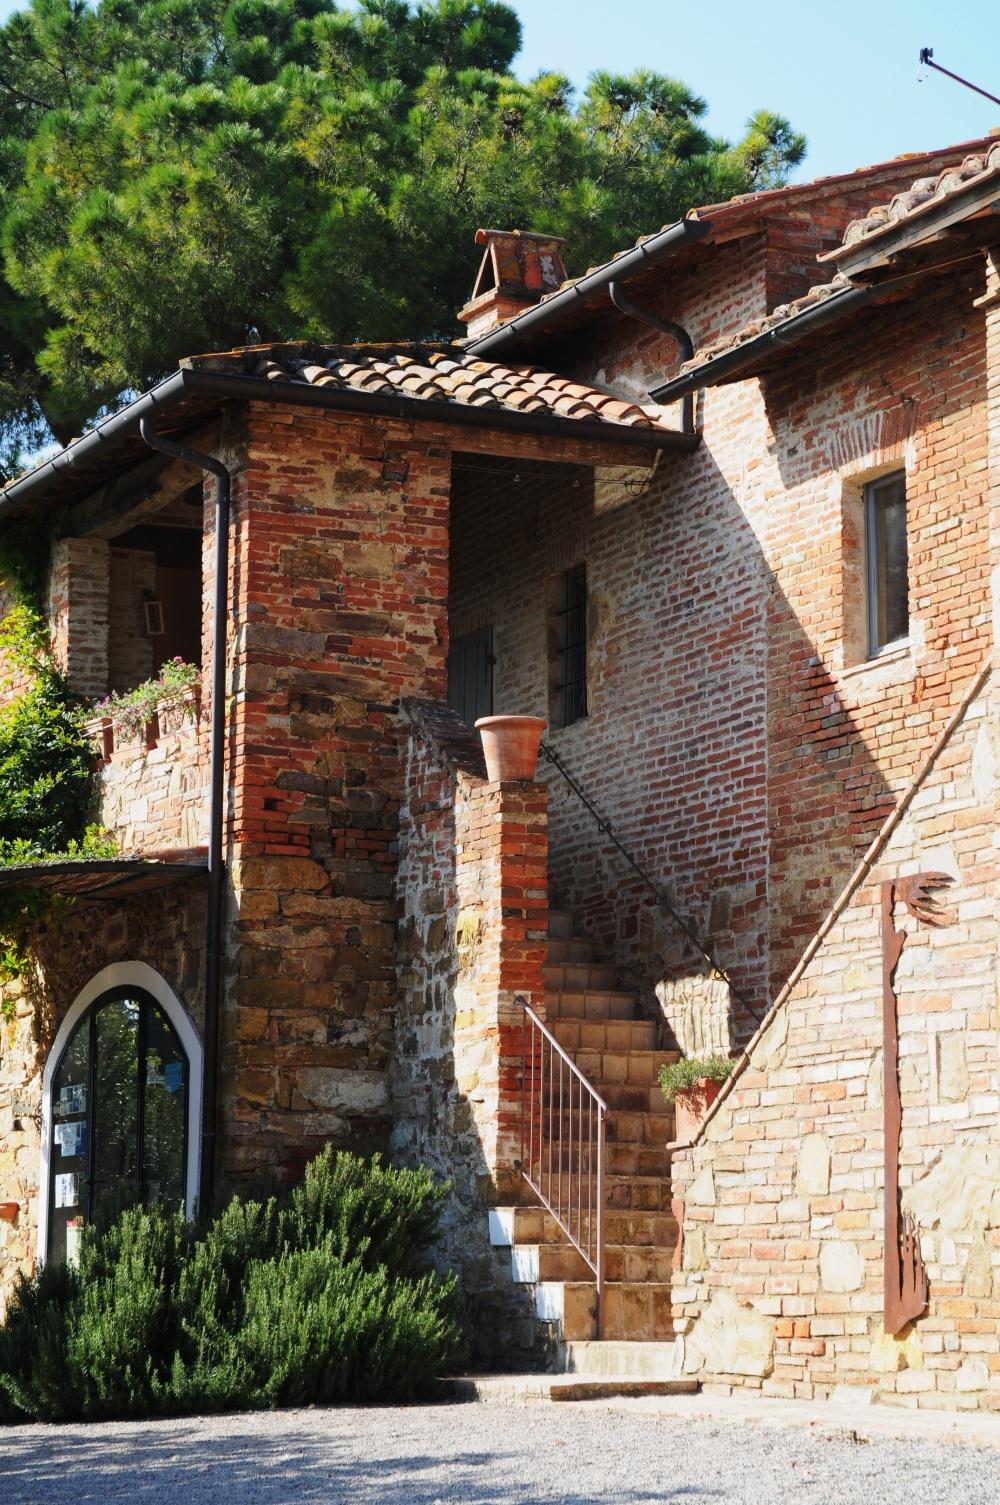 Trilocale per vacanze a Castiglione del Lago